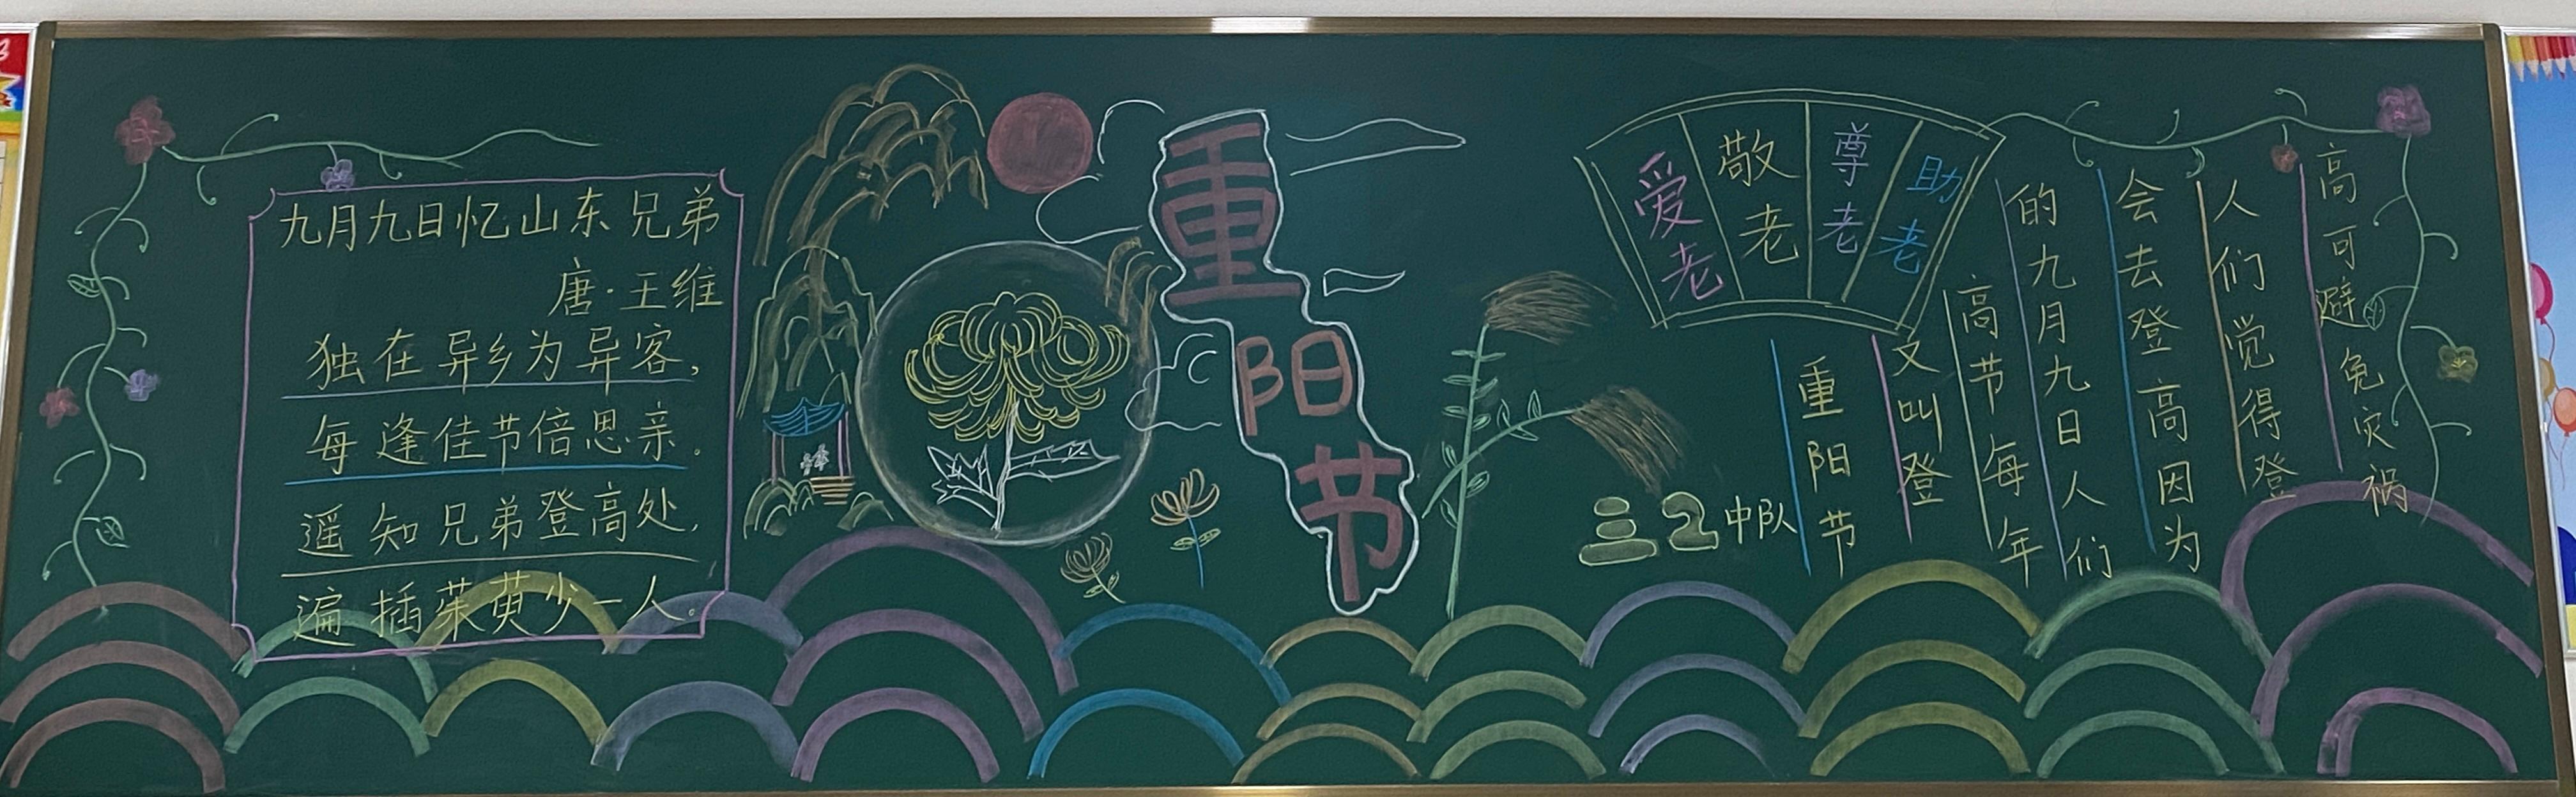 重阳节黑板报图片